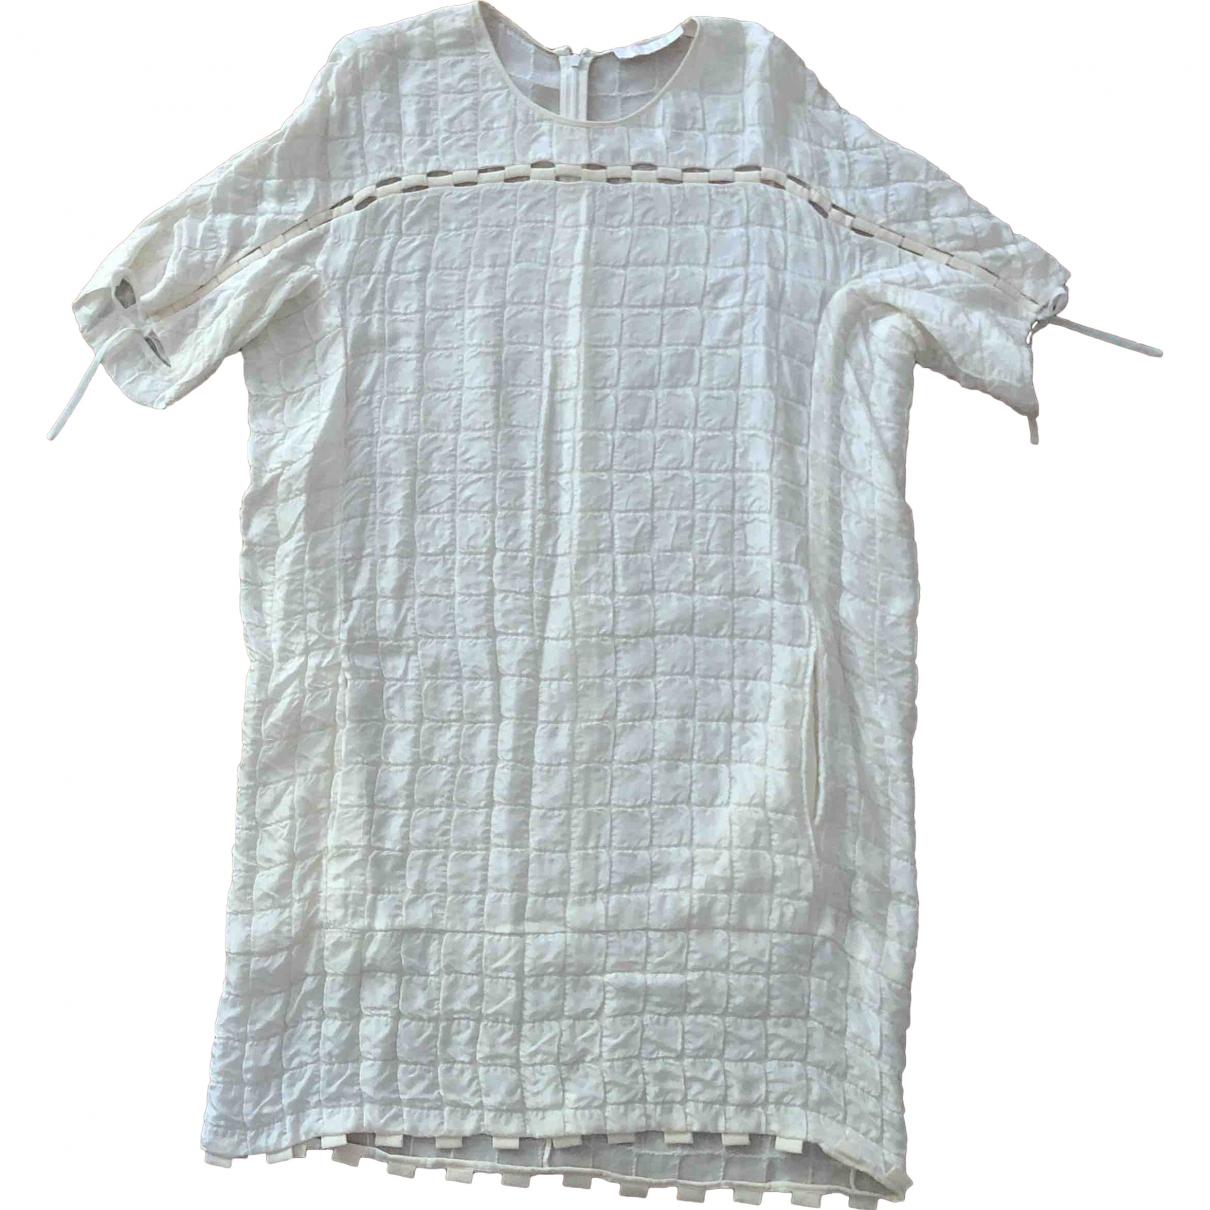 Chloé \N White Silk dress for Women 34 FR